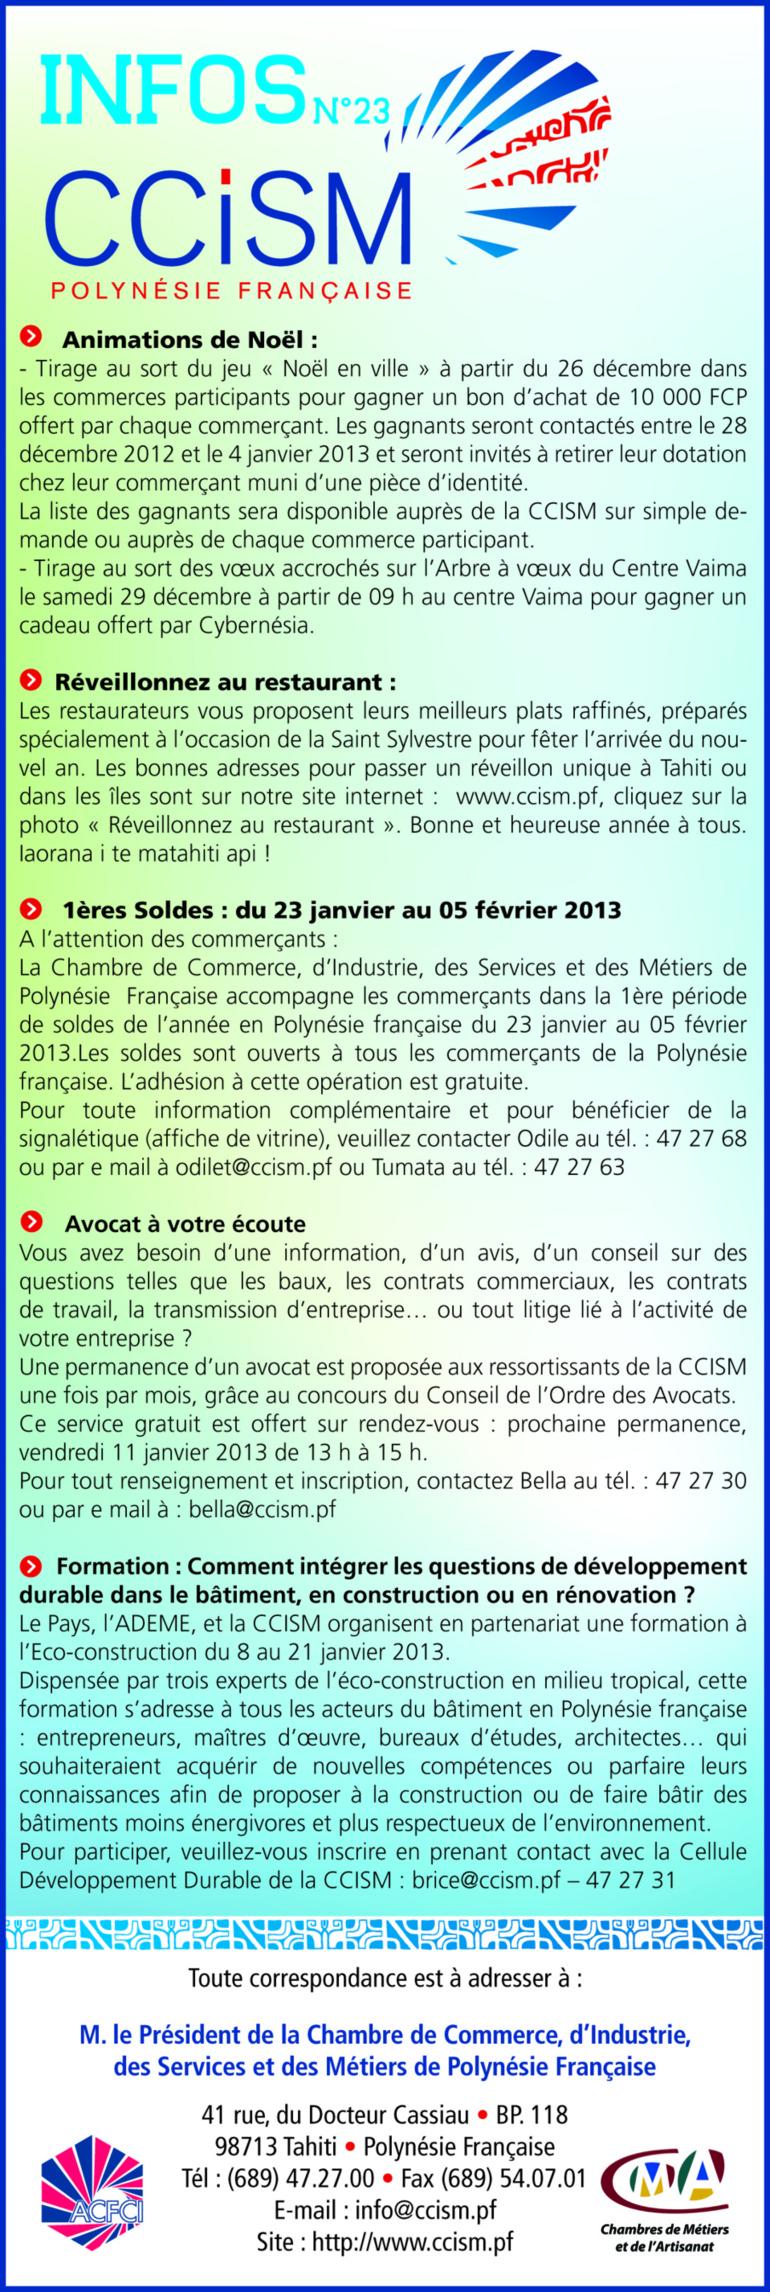 Infos CCISM N°23